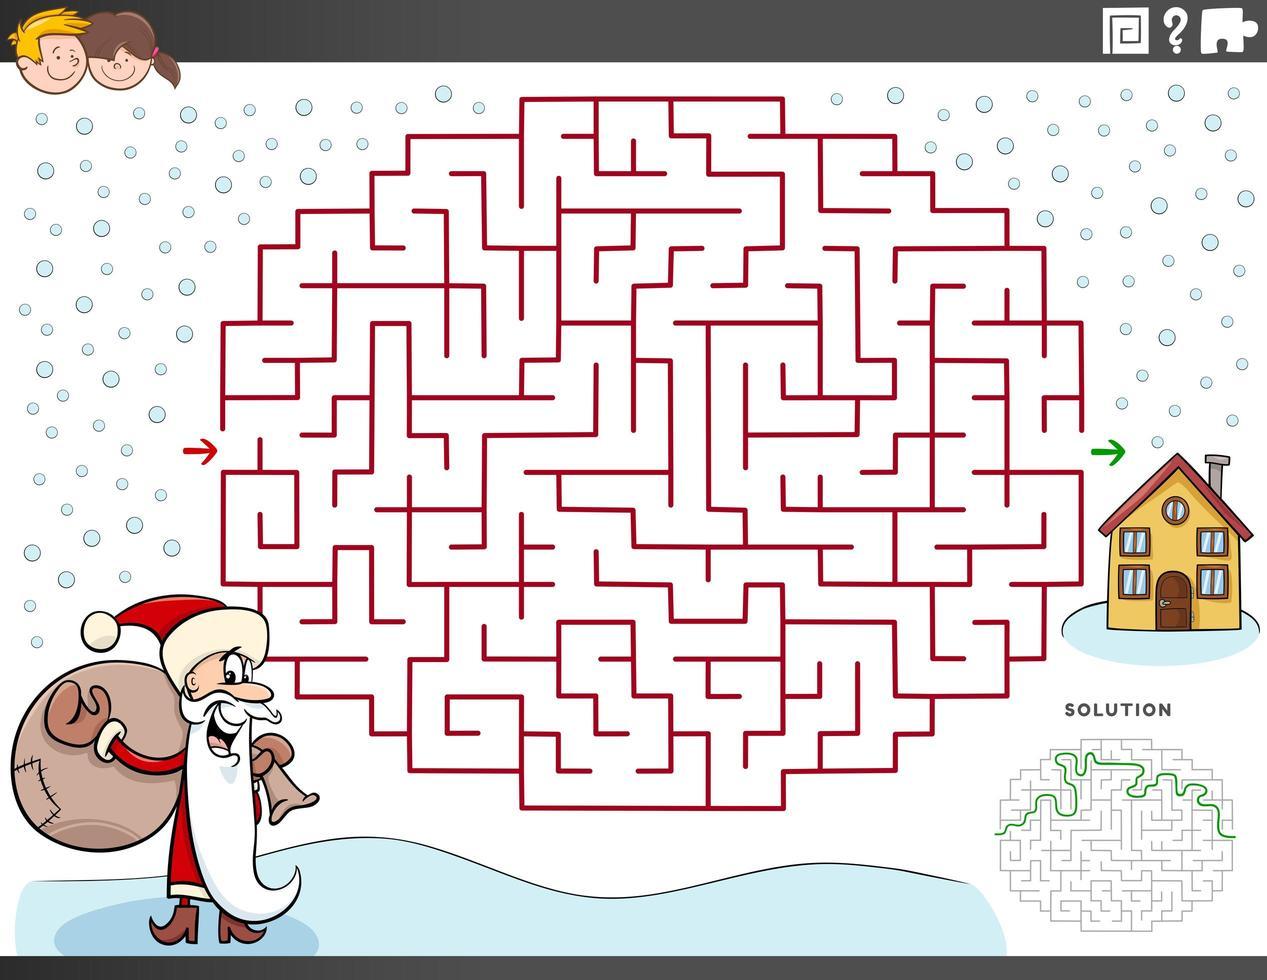 juego de laberinto con santa claus en navidad vector